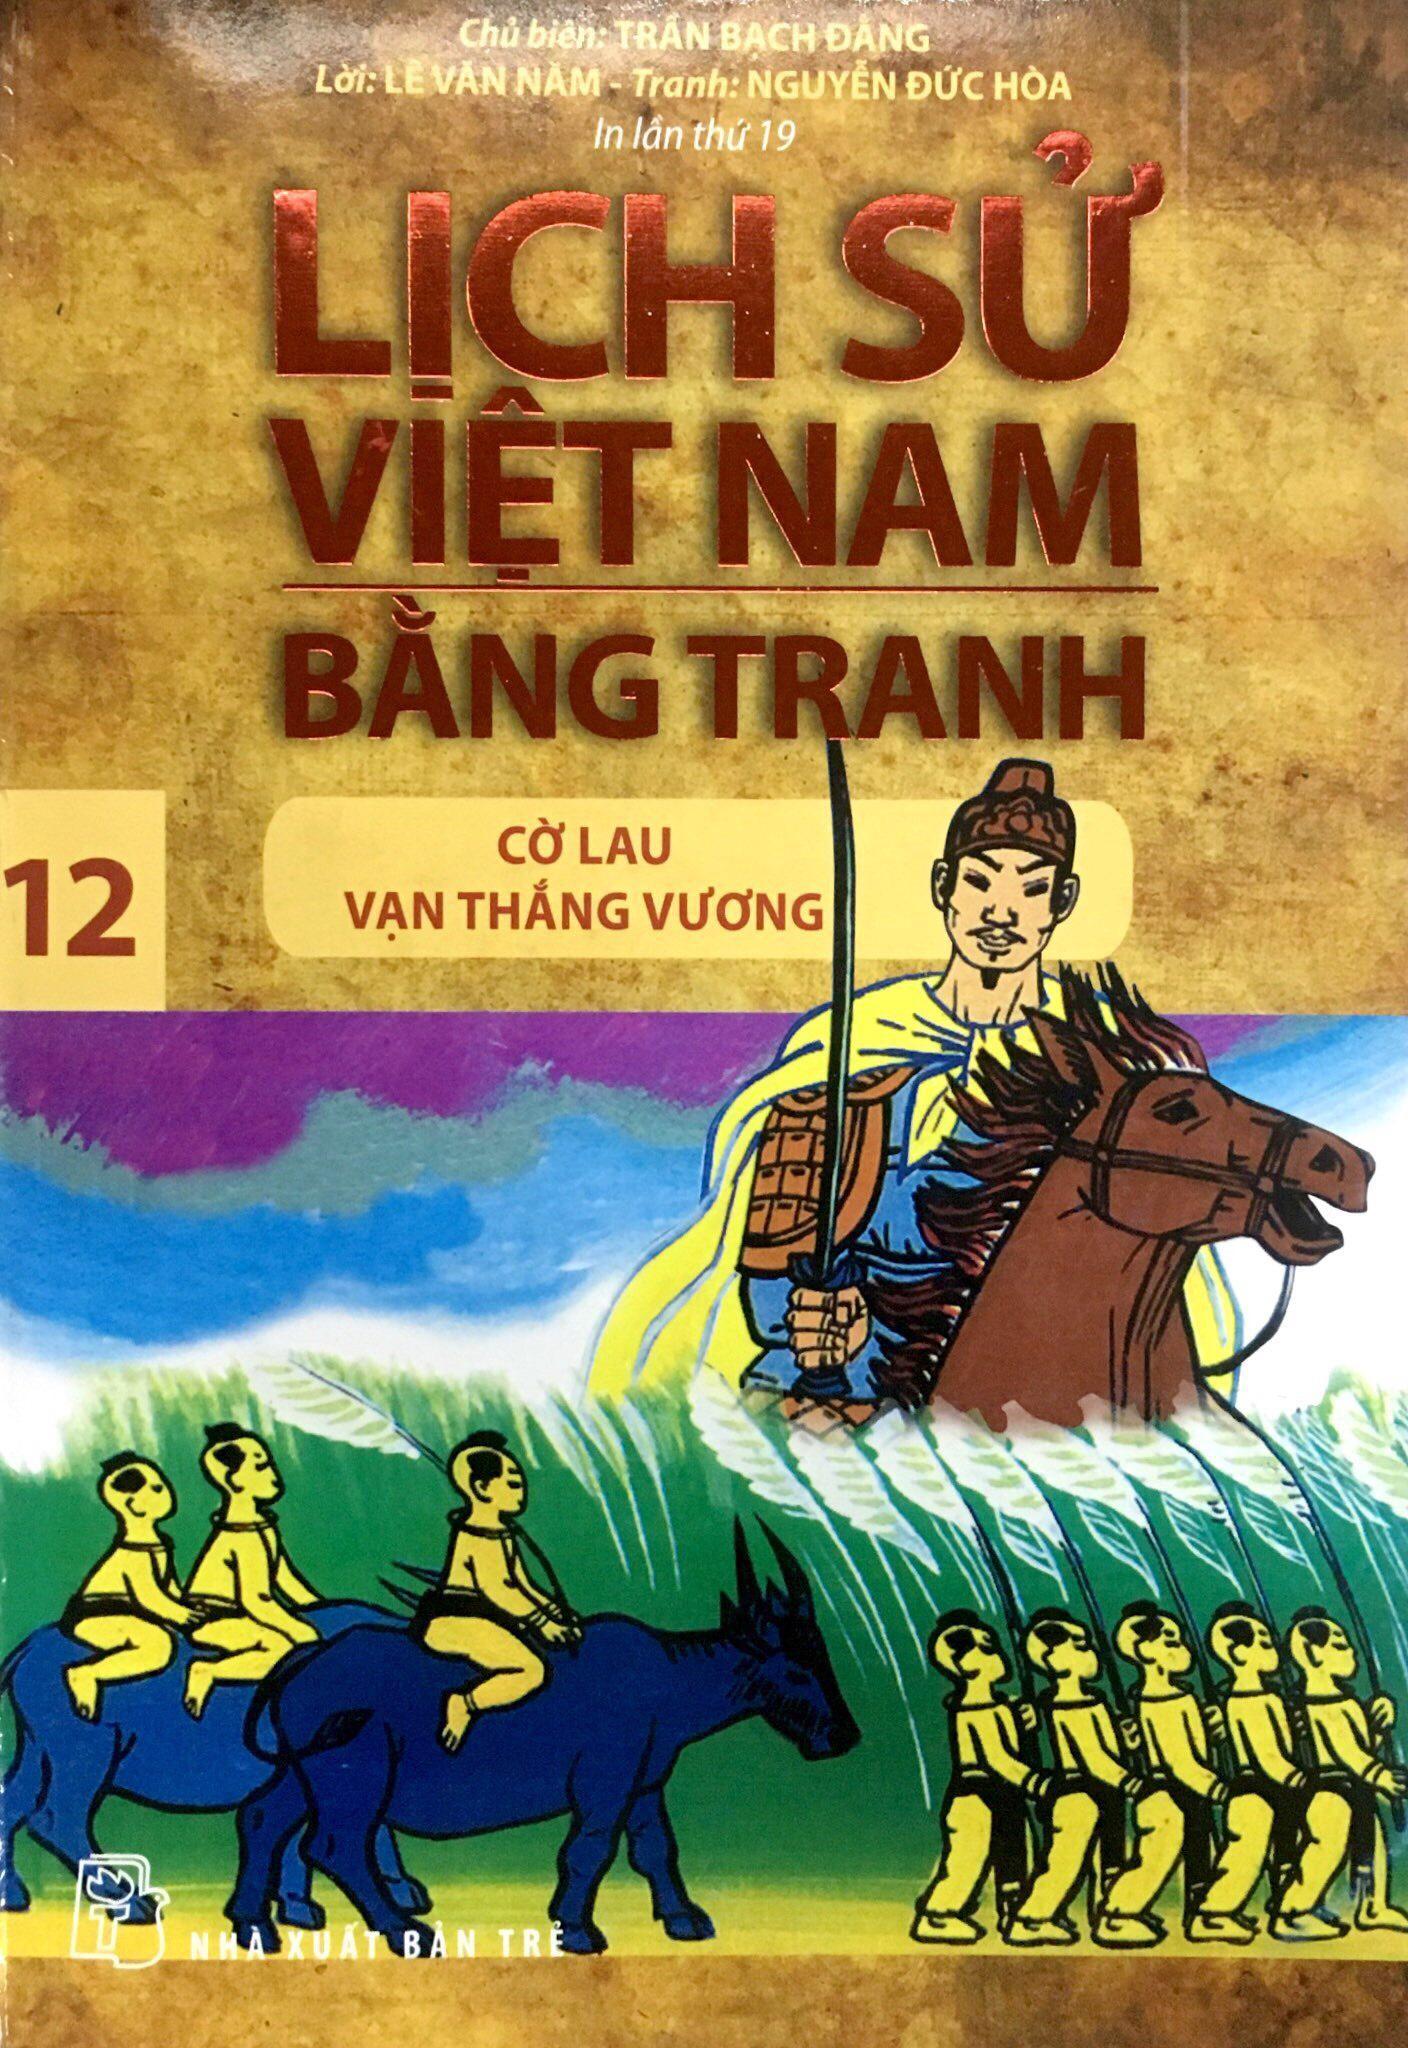 Mua Lịch sử Việt Nam bằng tranh - Tập 12: Cờ lau Vạn Thắng Vương